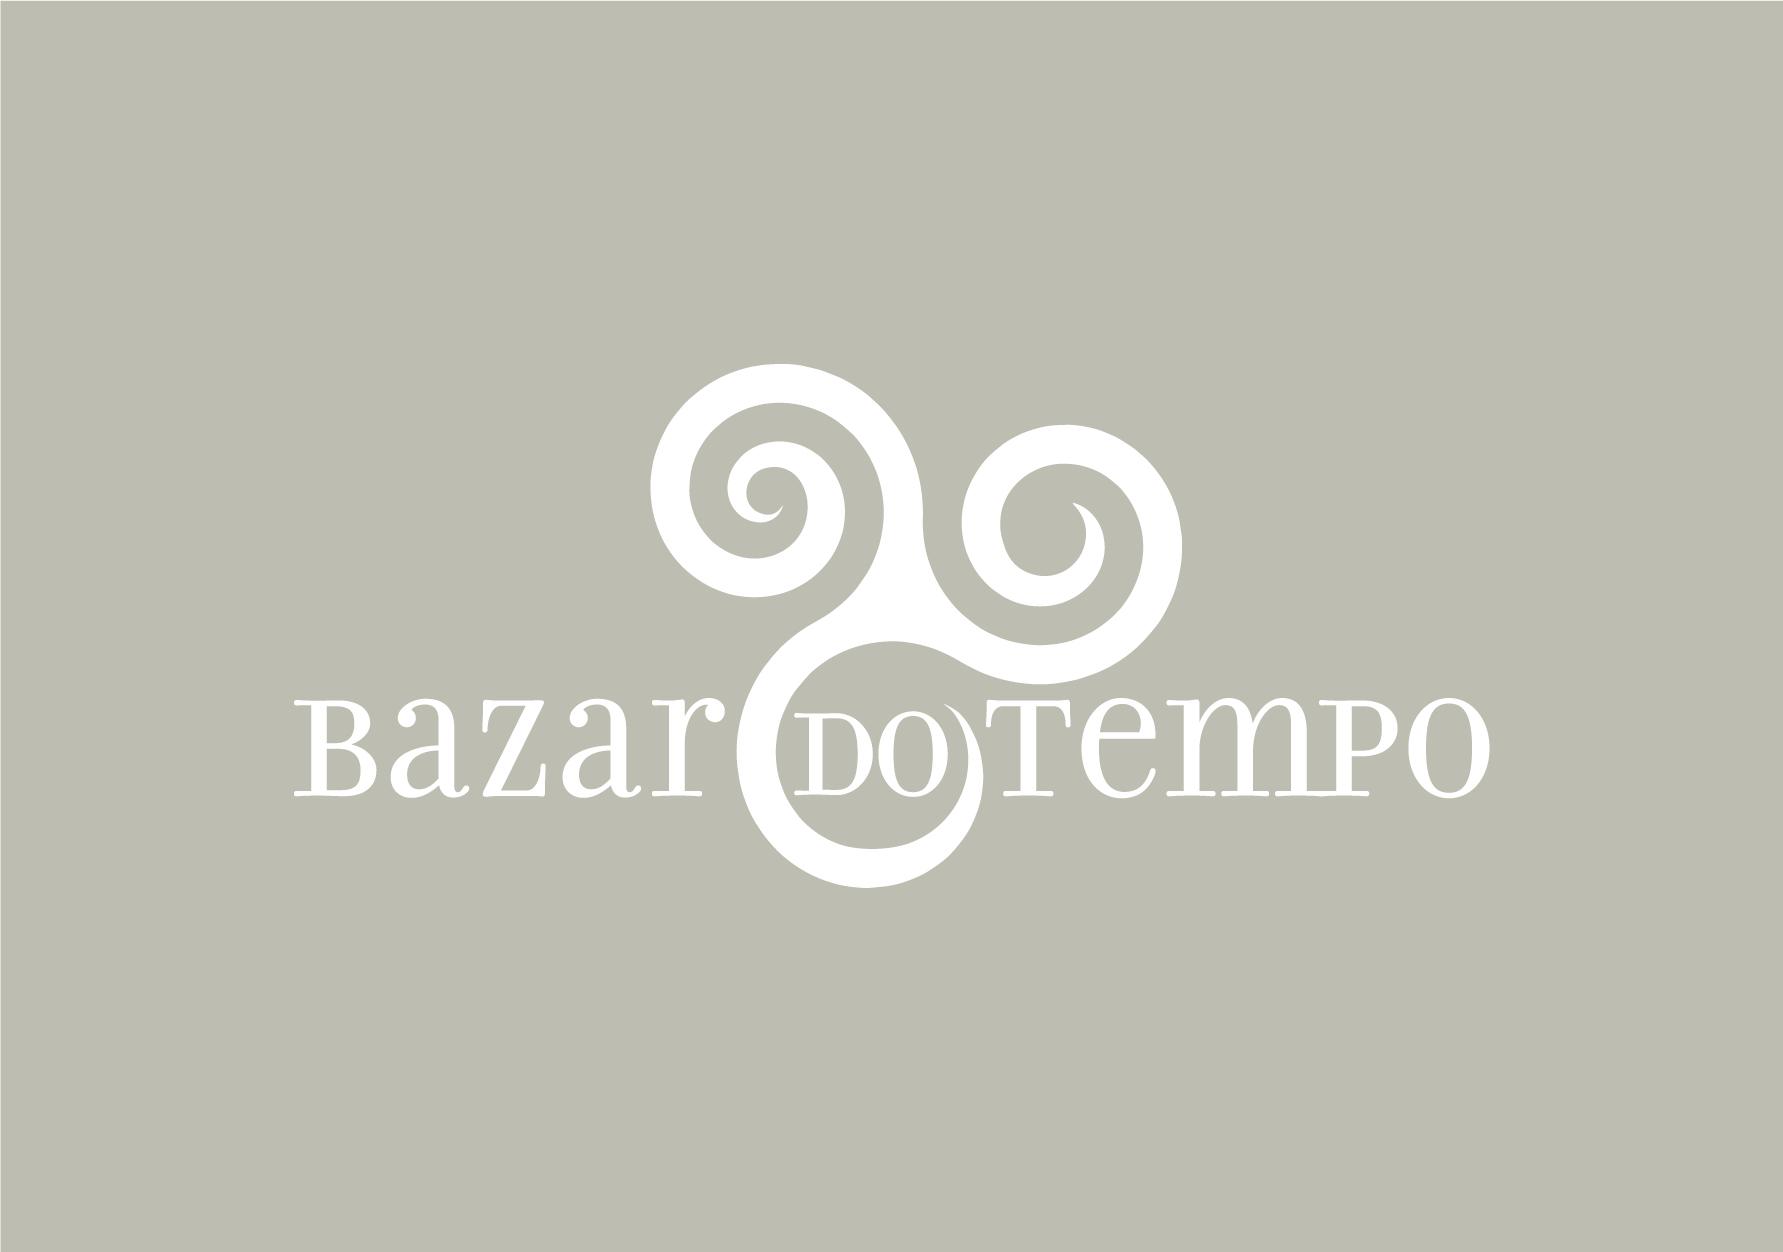 Bazar do Tempo